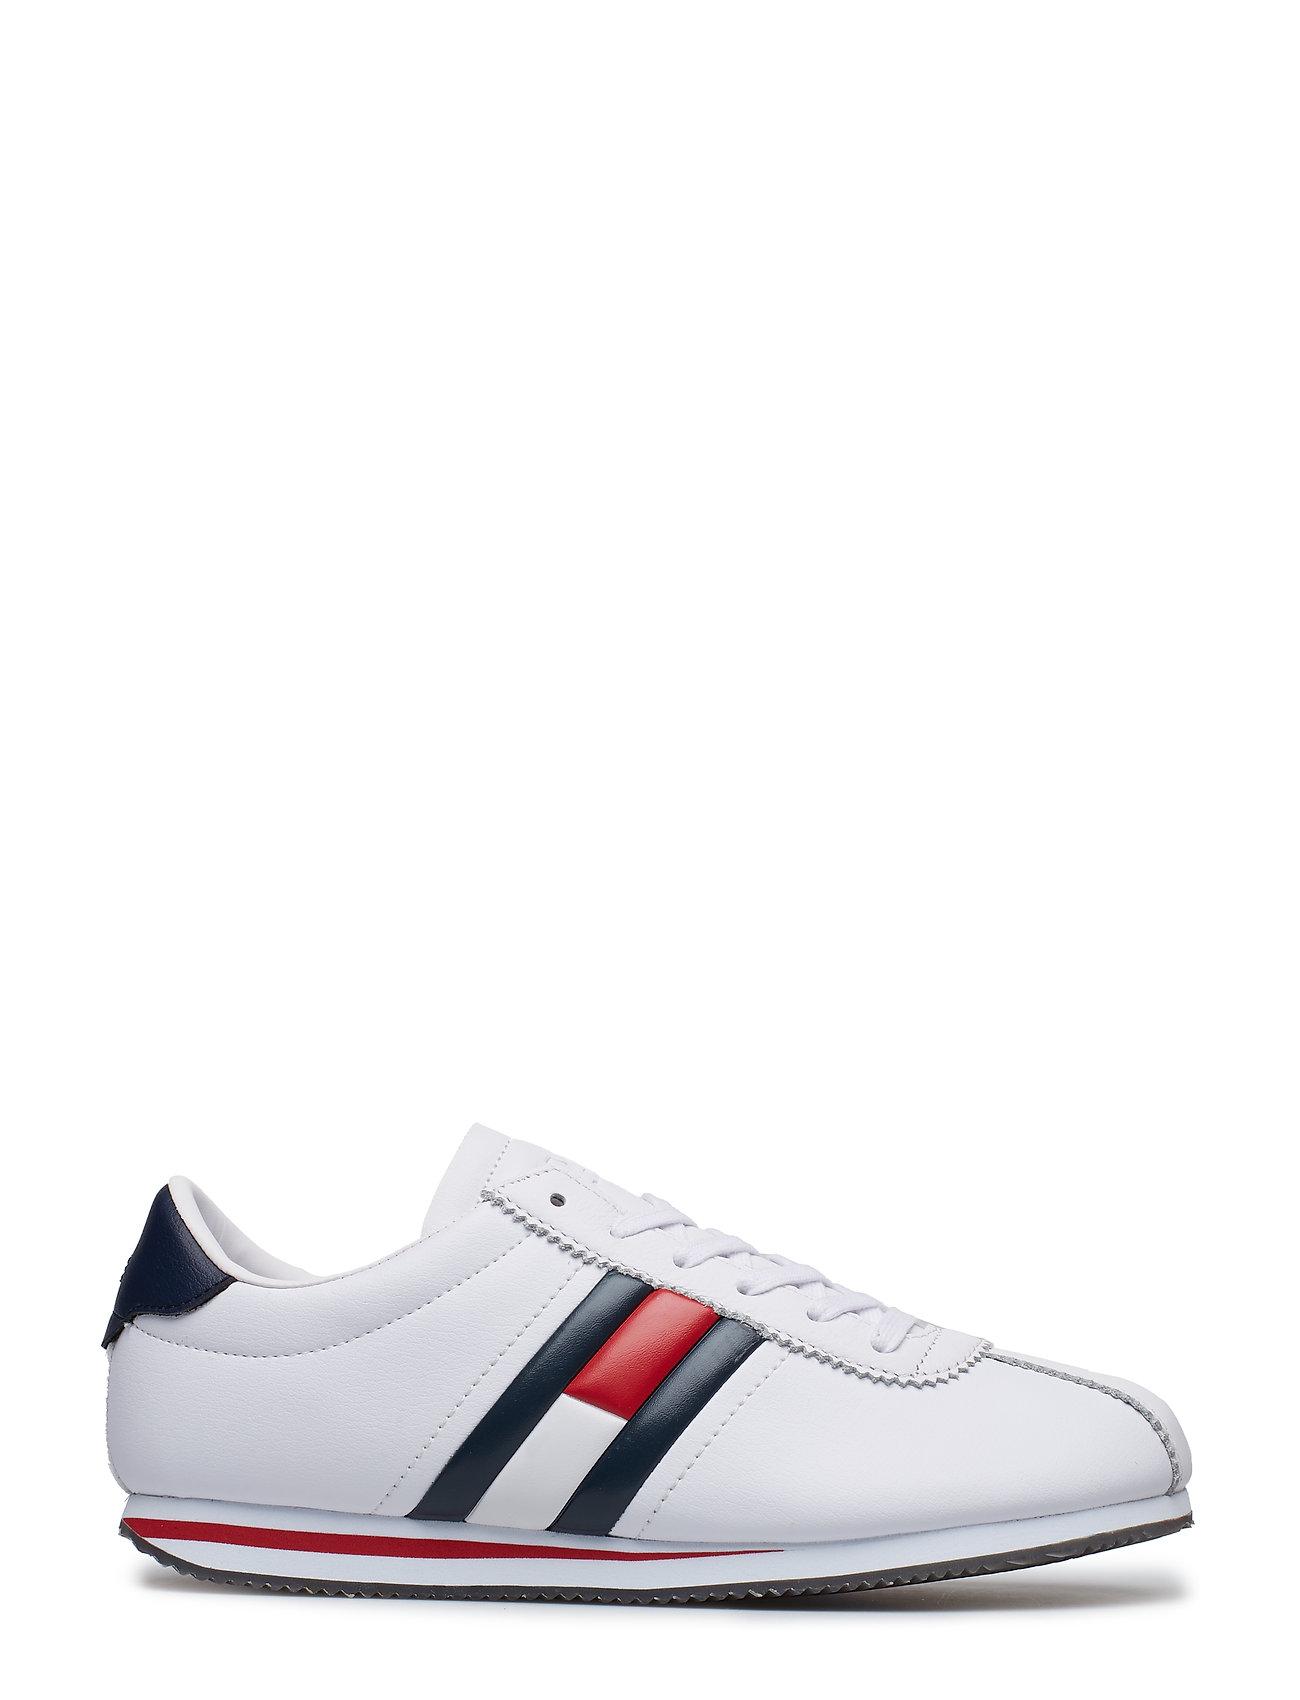 8817ad21df44 Trey 1a1 sneakers fra Tommy Hilfiger til herre i Hvid - Pashion.dk